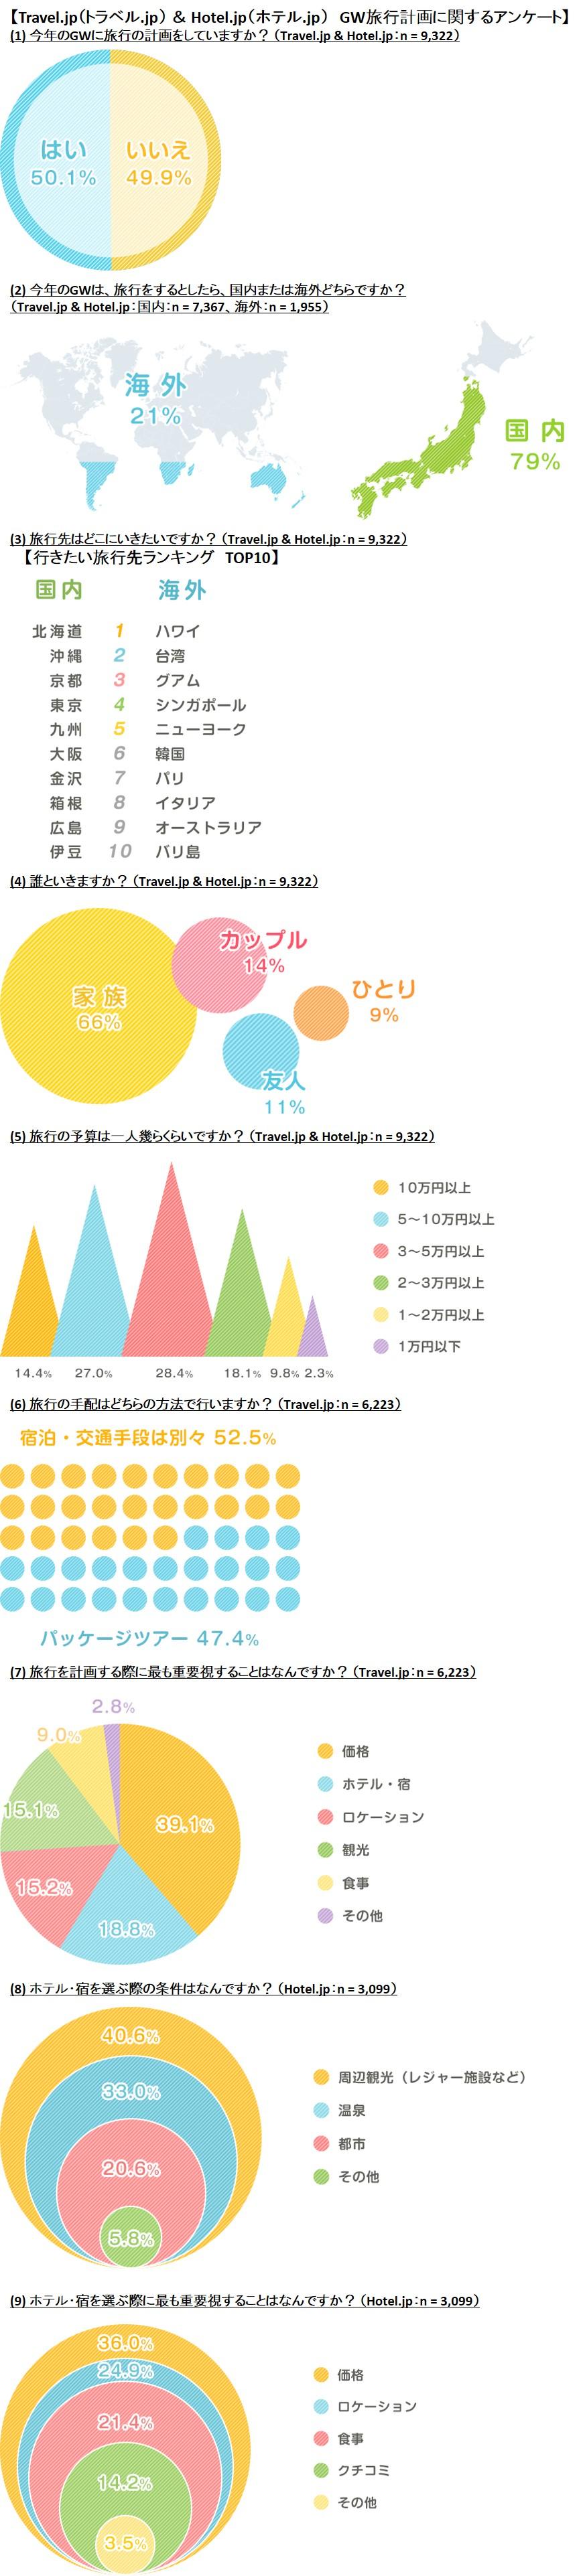 グラフ_全体